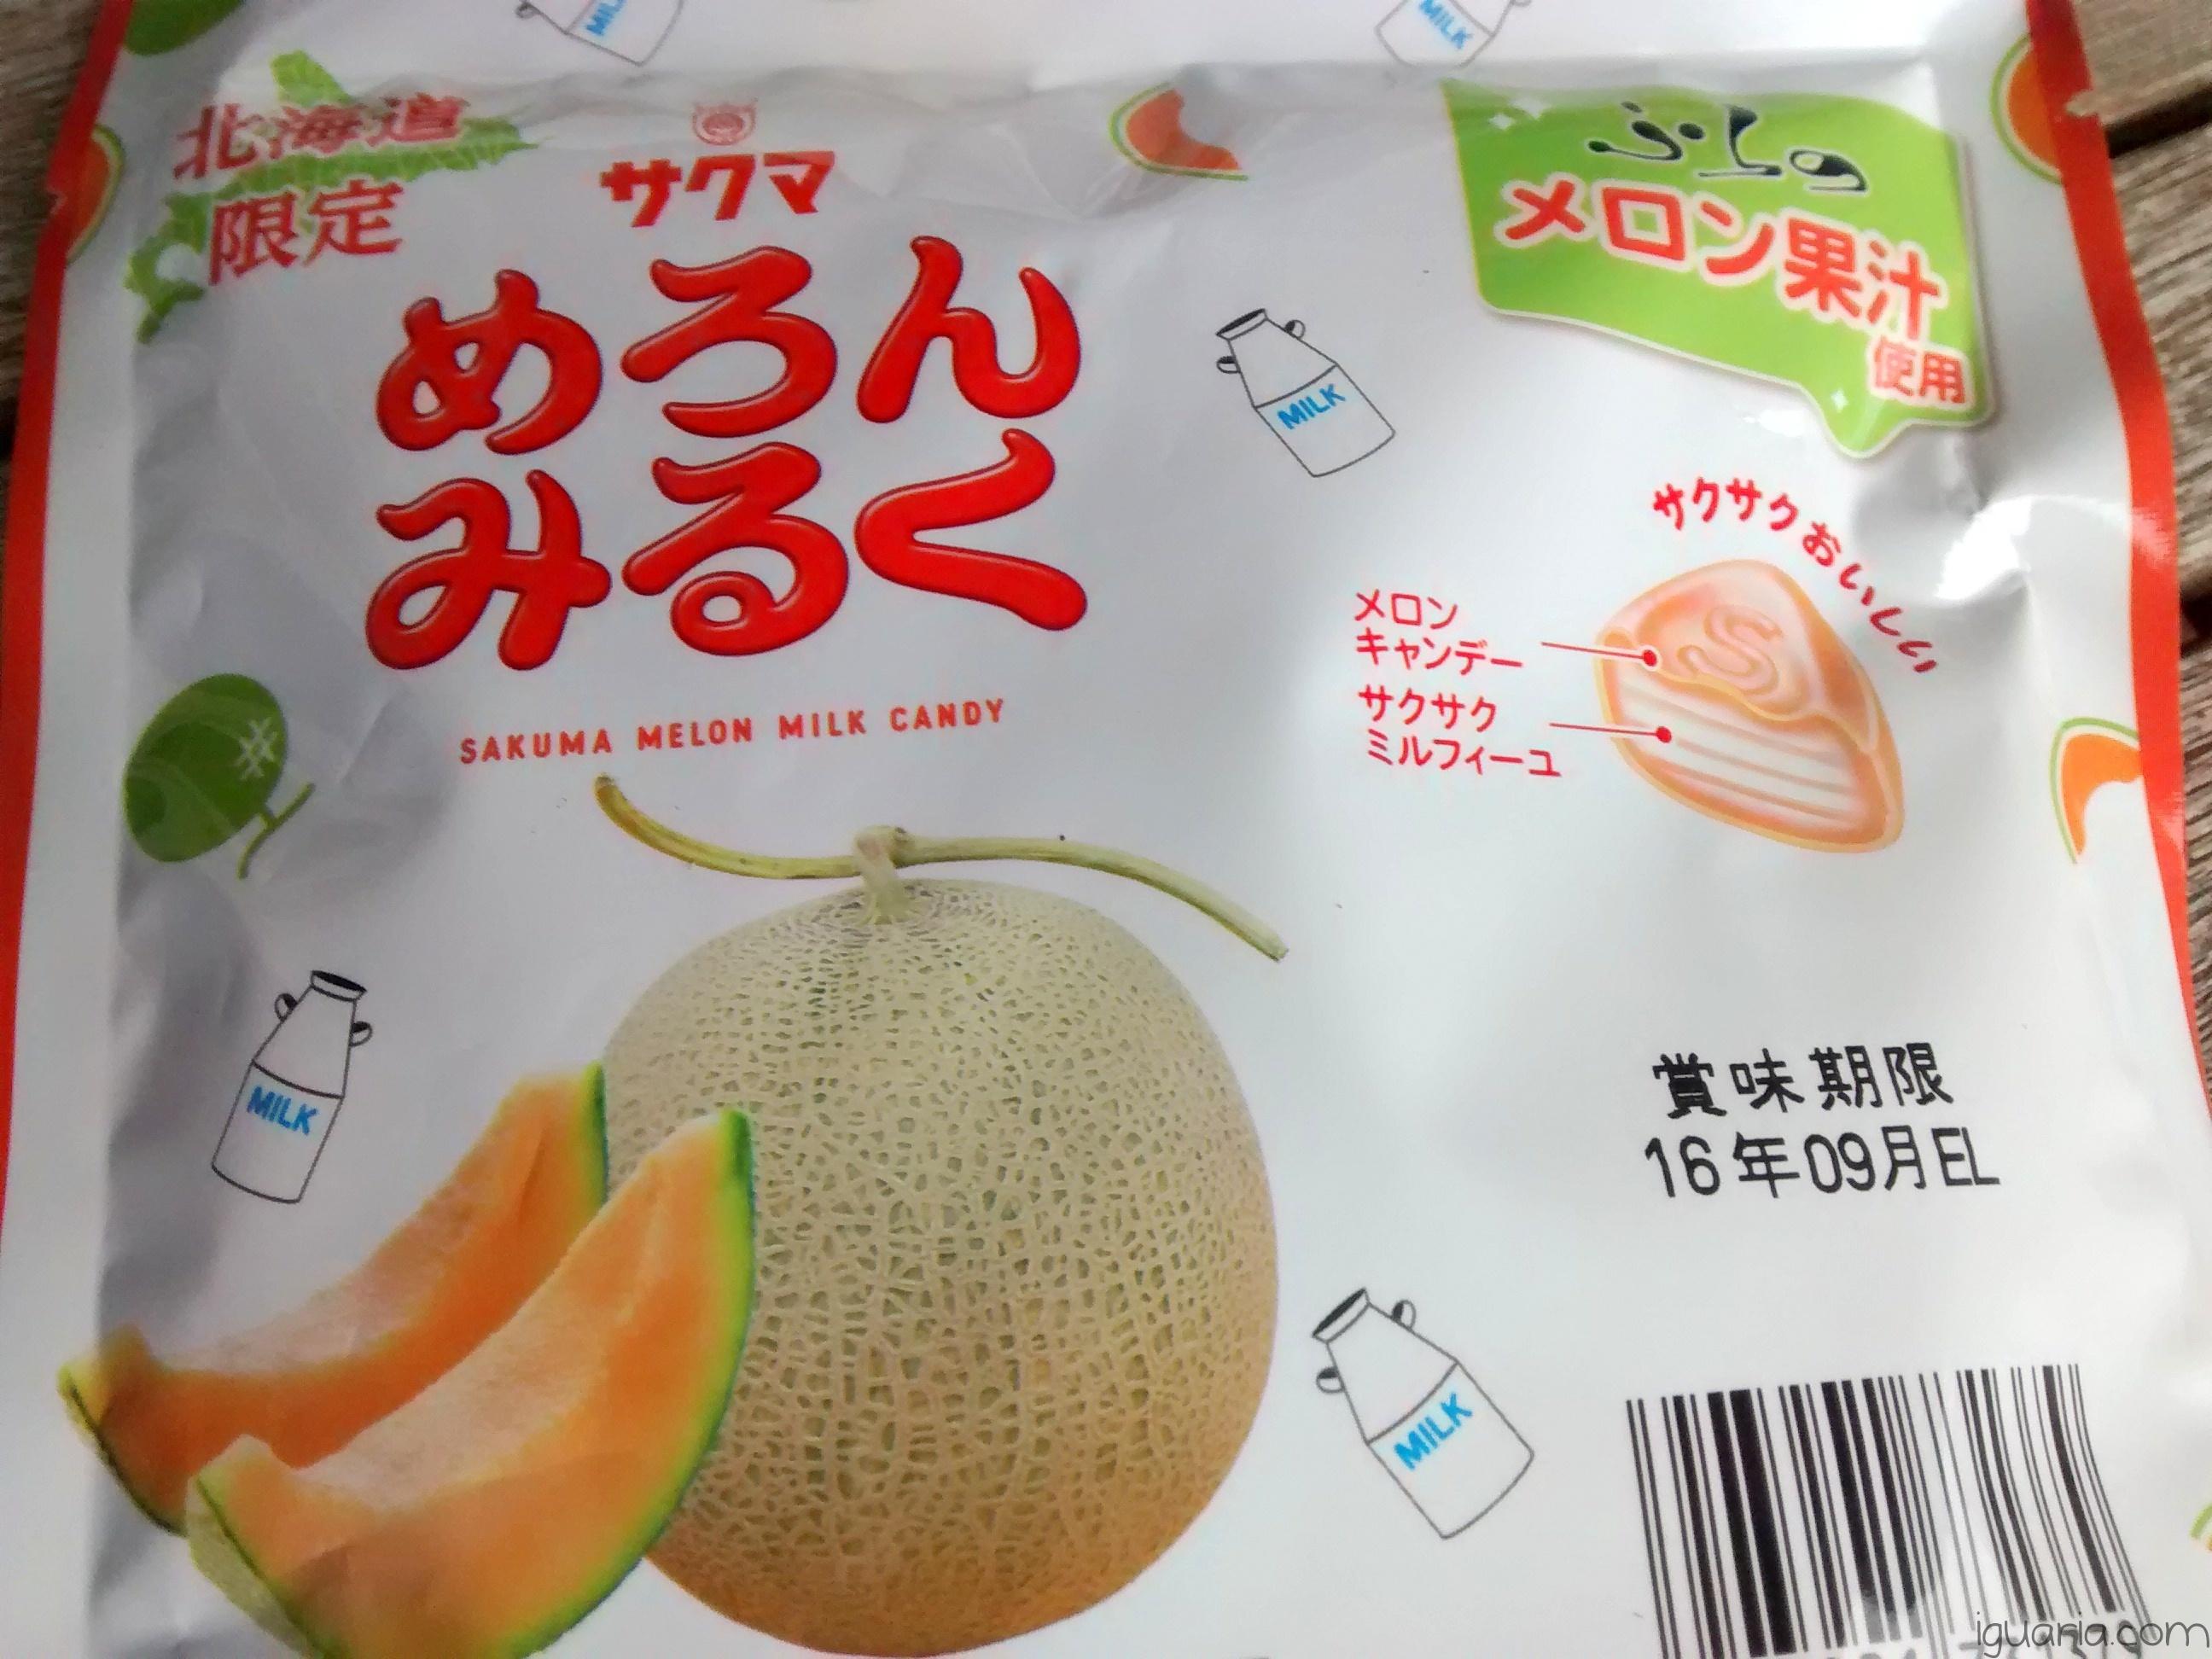 Iguaria_LegendaSakuna-Melon-Milk-Candy